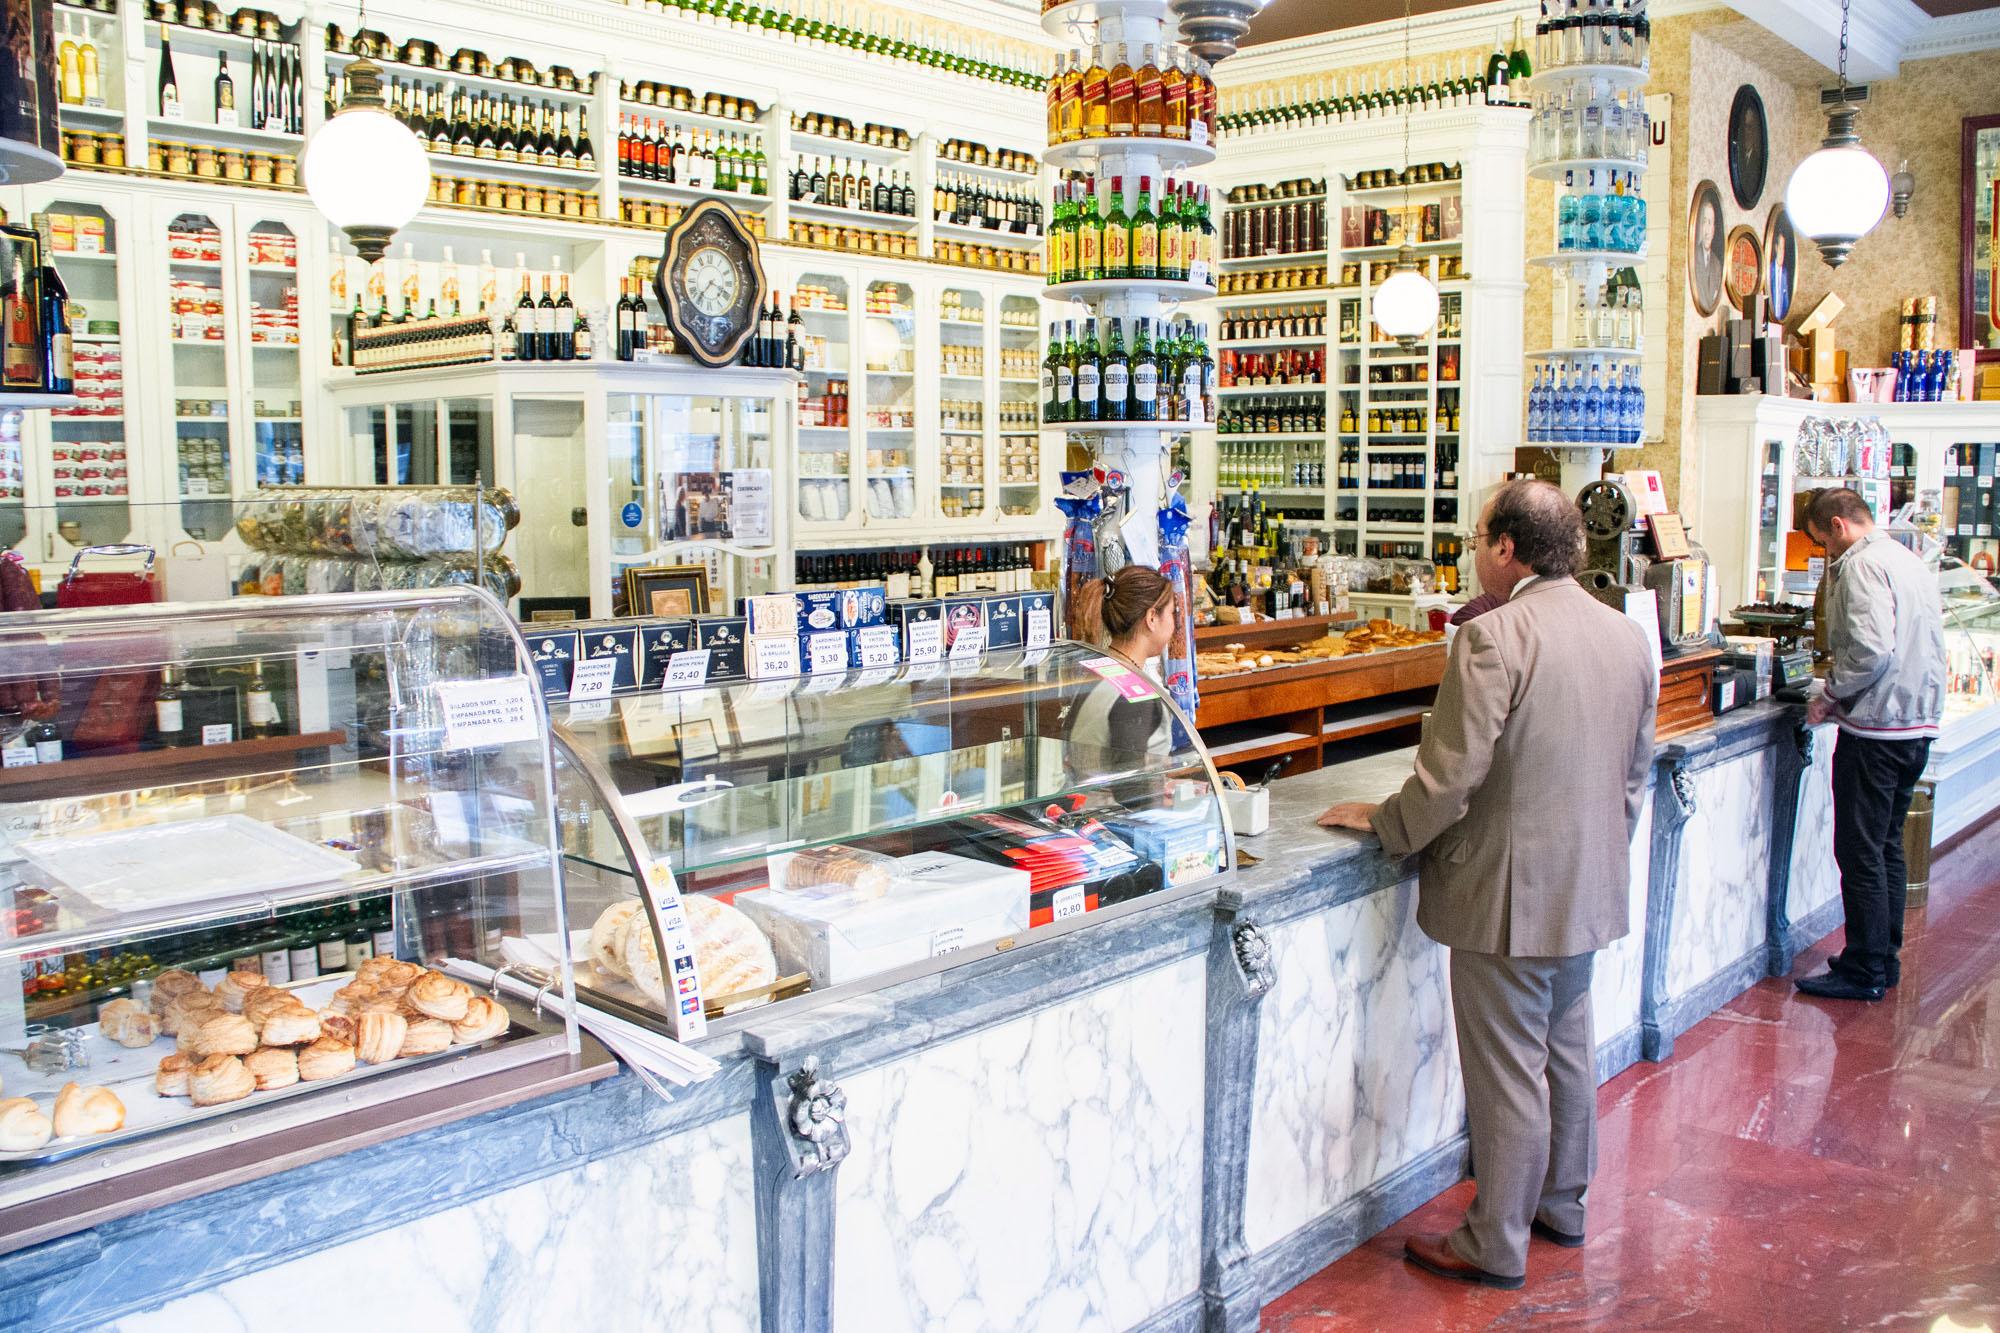 Bakery Camilo de Blas Pastelería